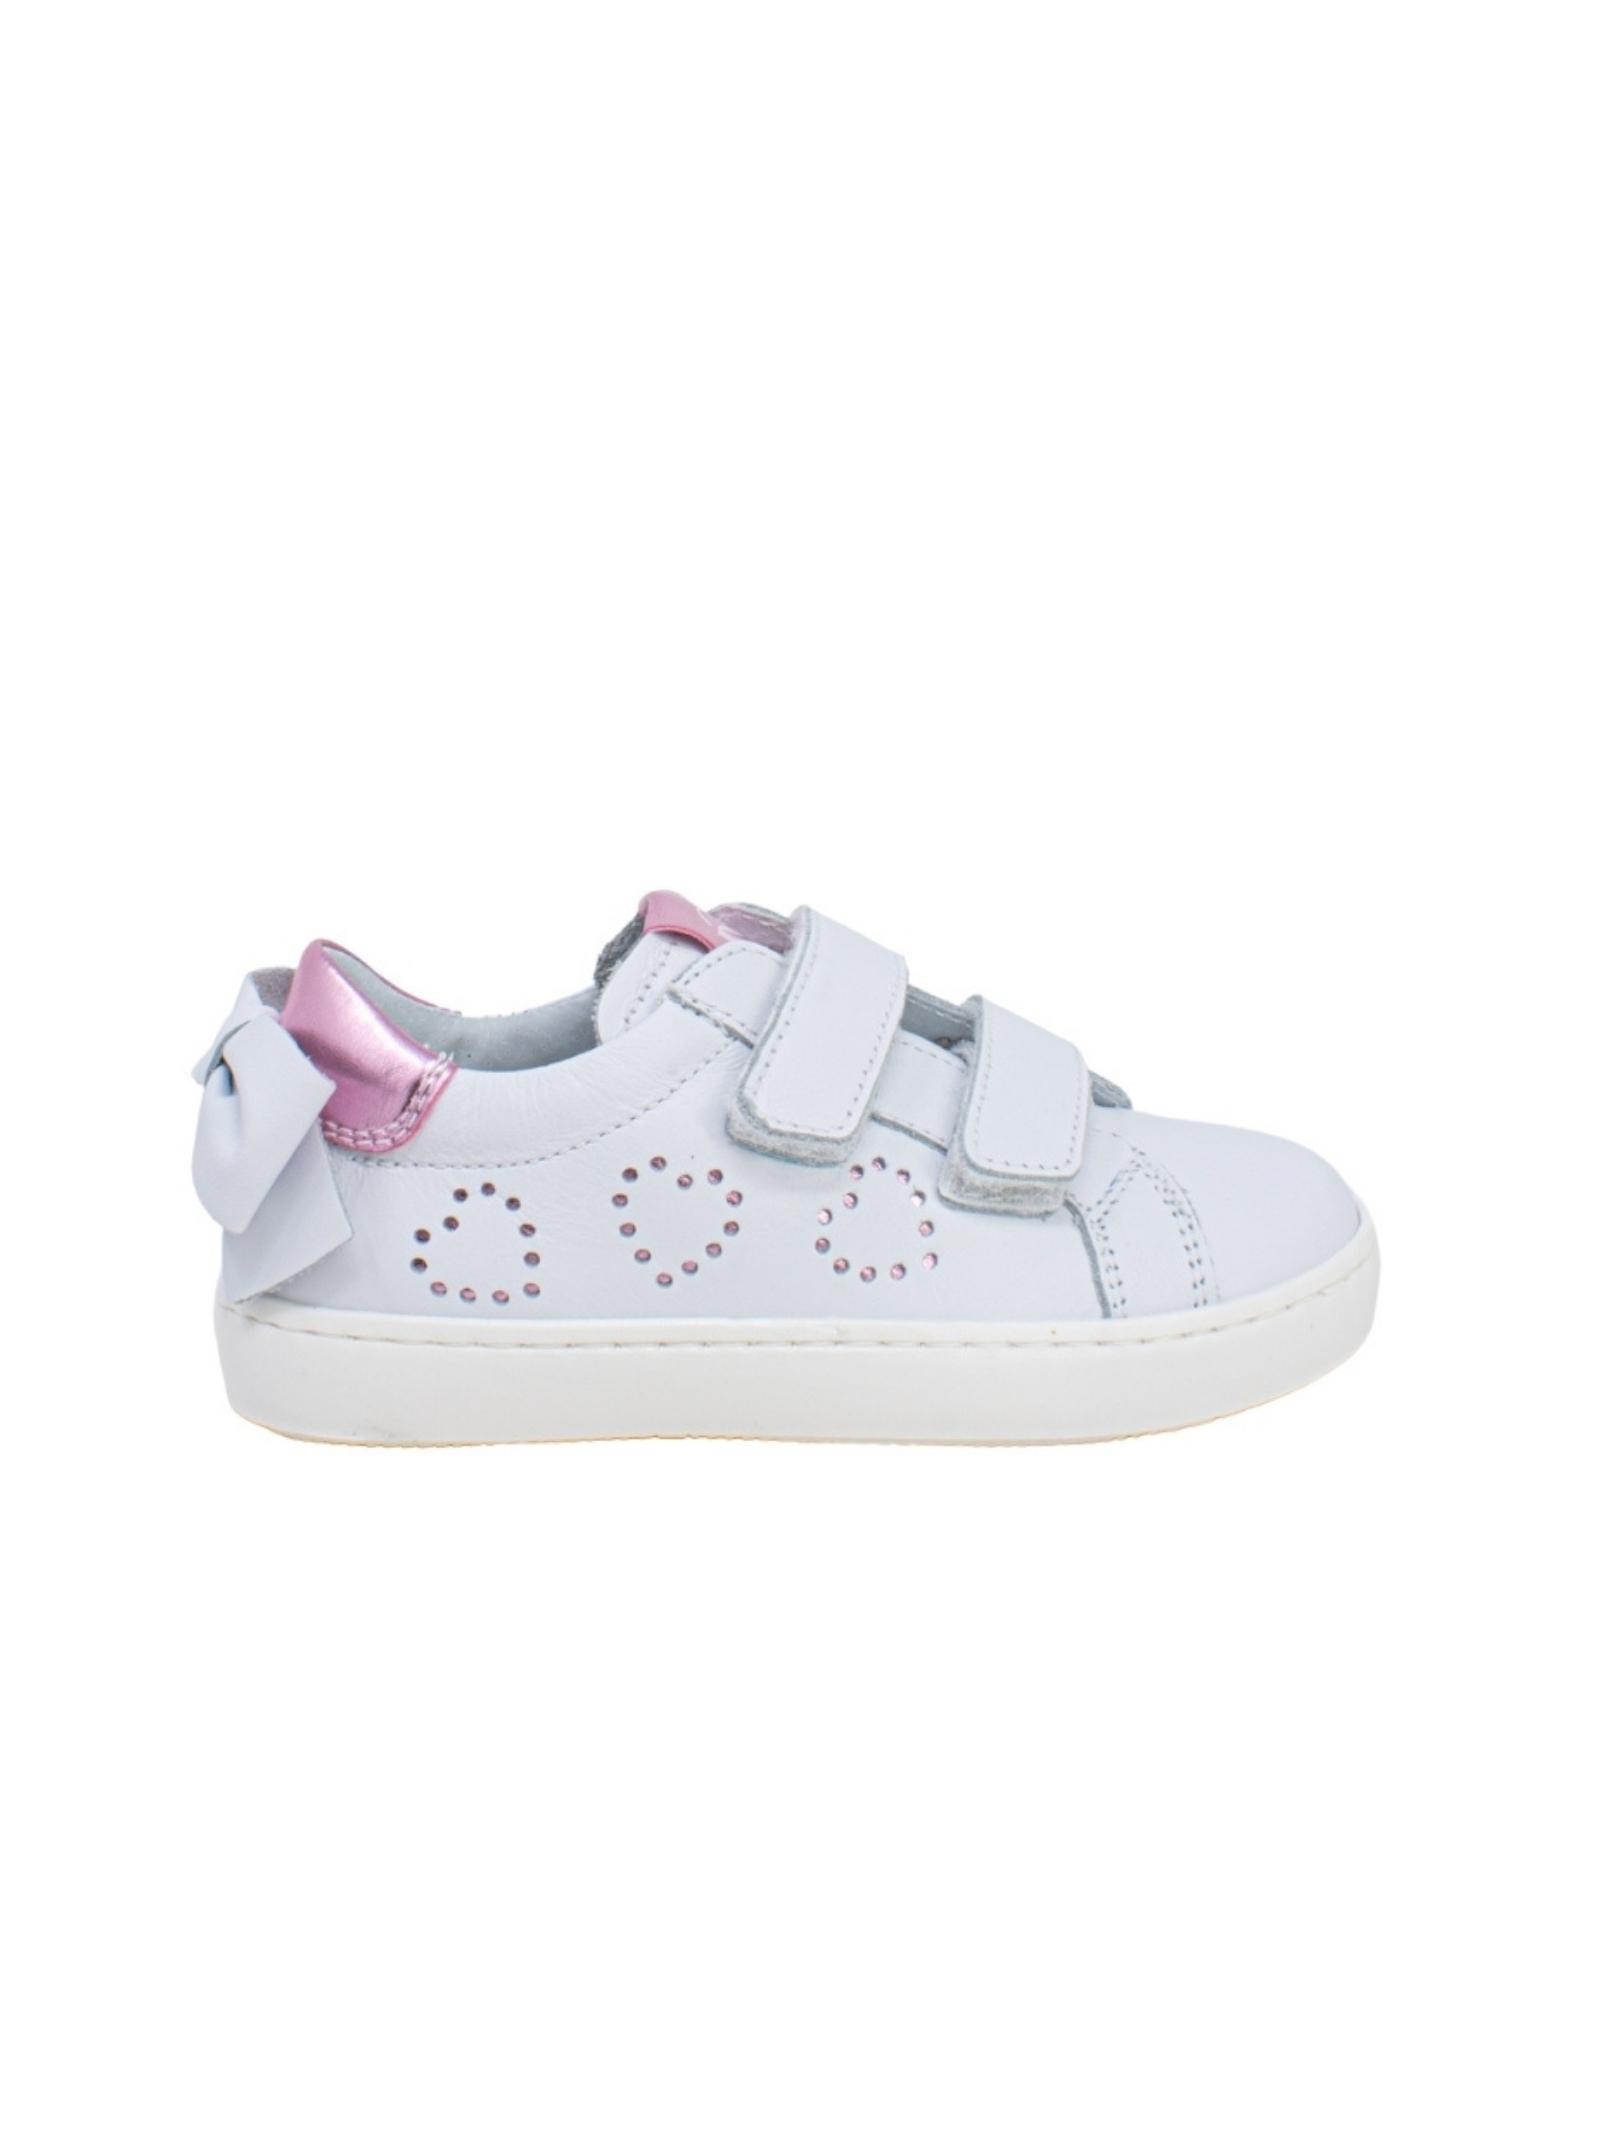 Sneakers Bambina Fiocco NERO GIARDINI JUNIOR | Sneakers | E121640F707